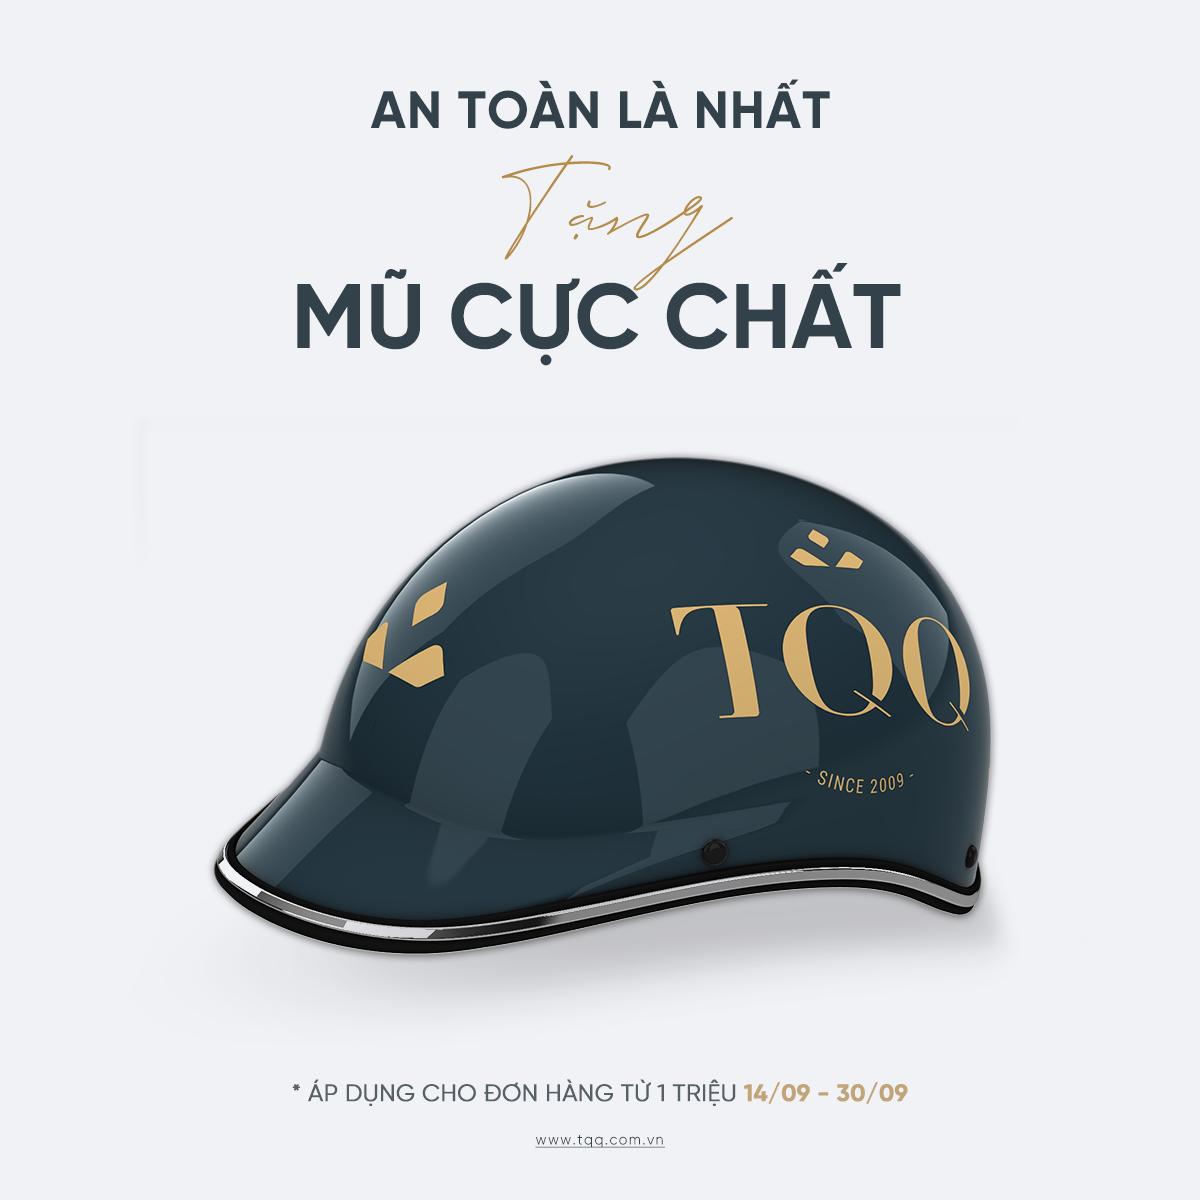 TQQ - Tặng mũ Bảo hiểm